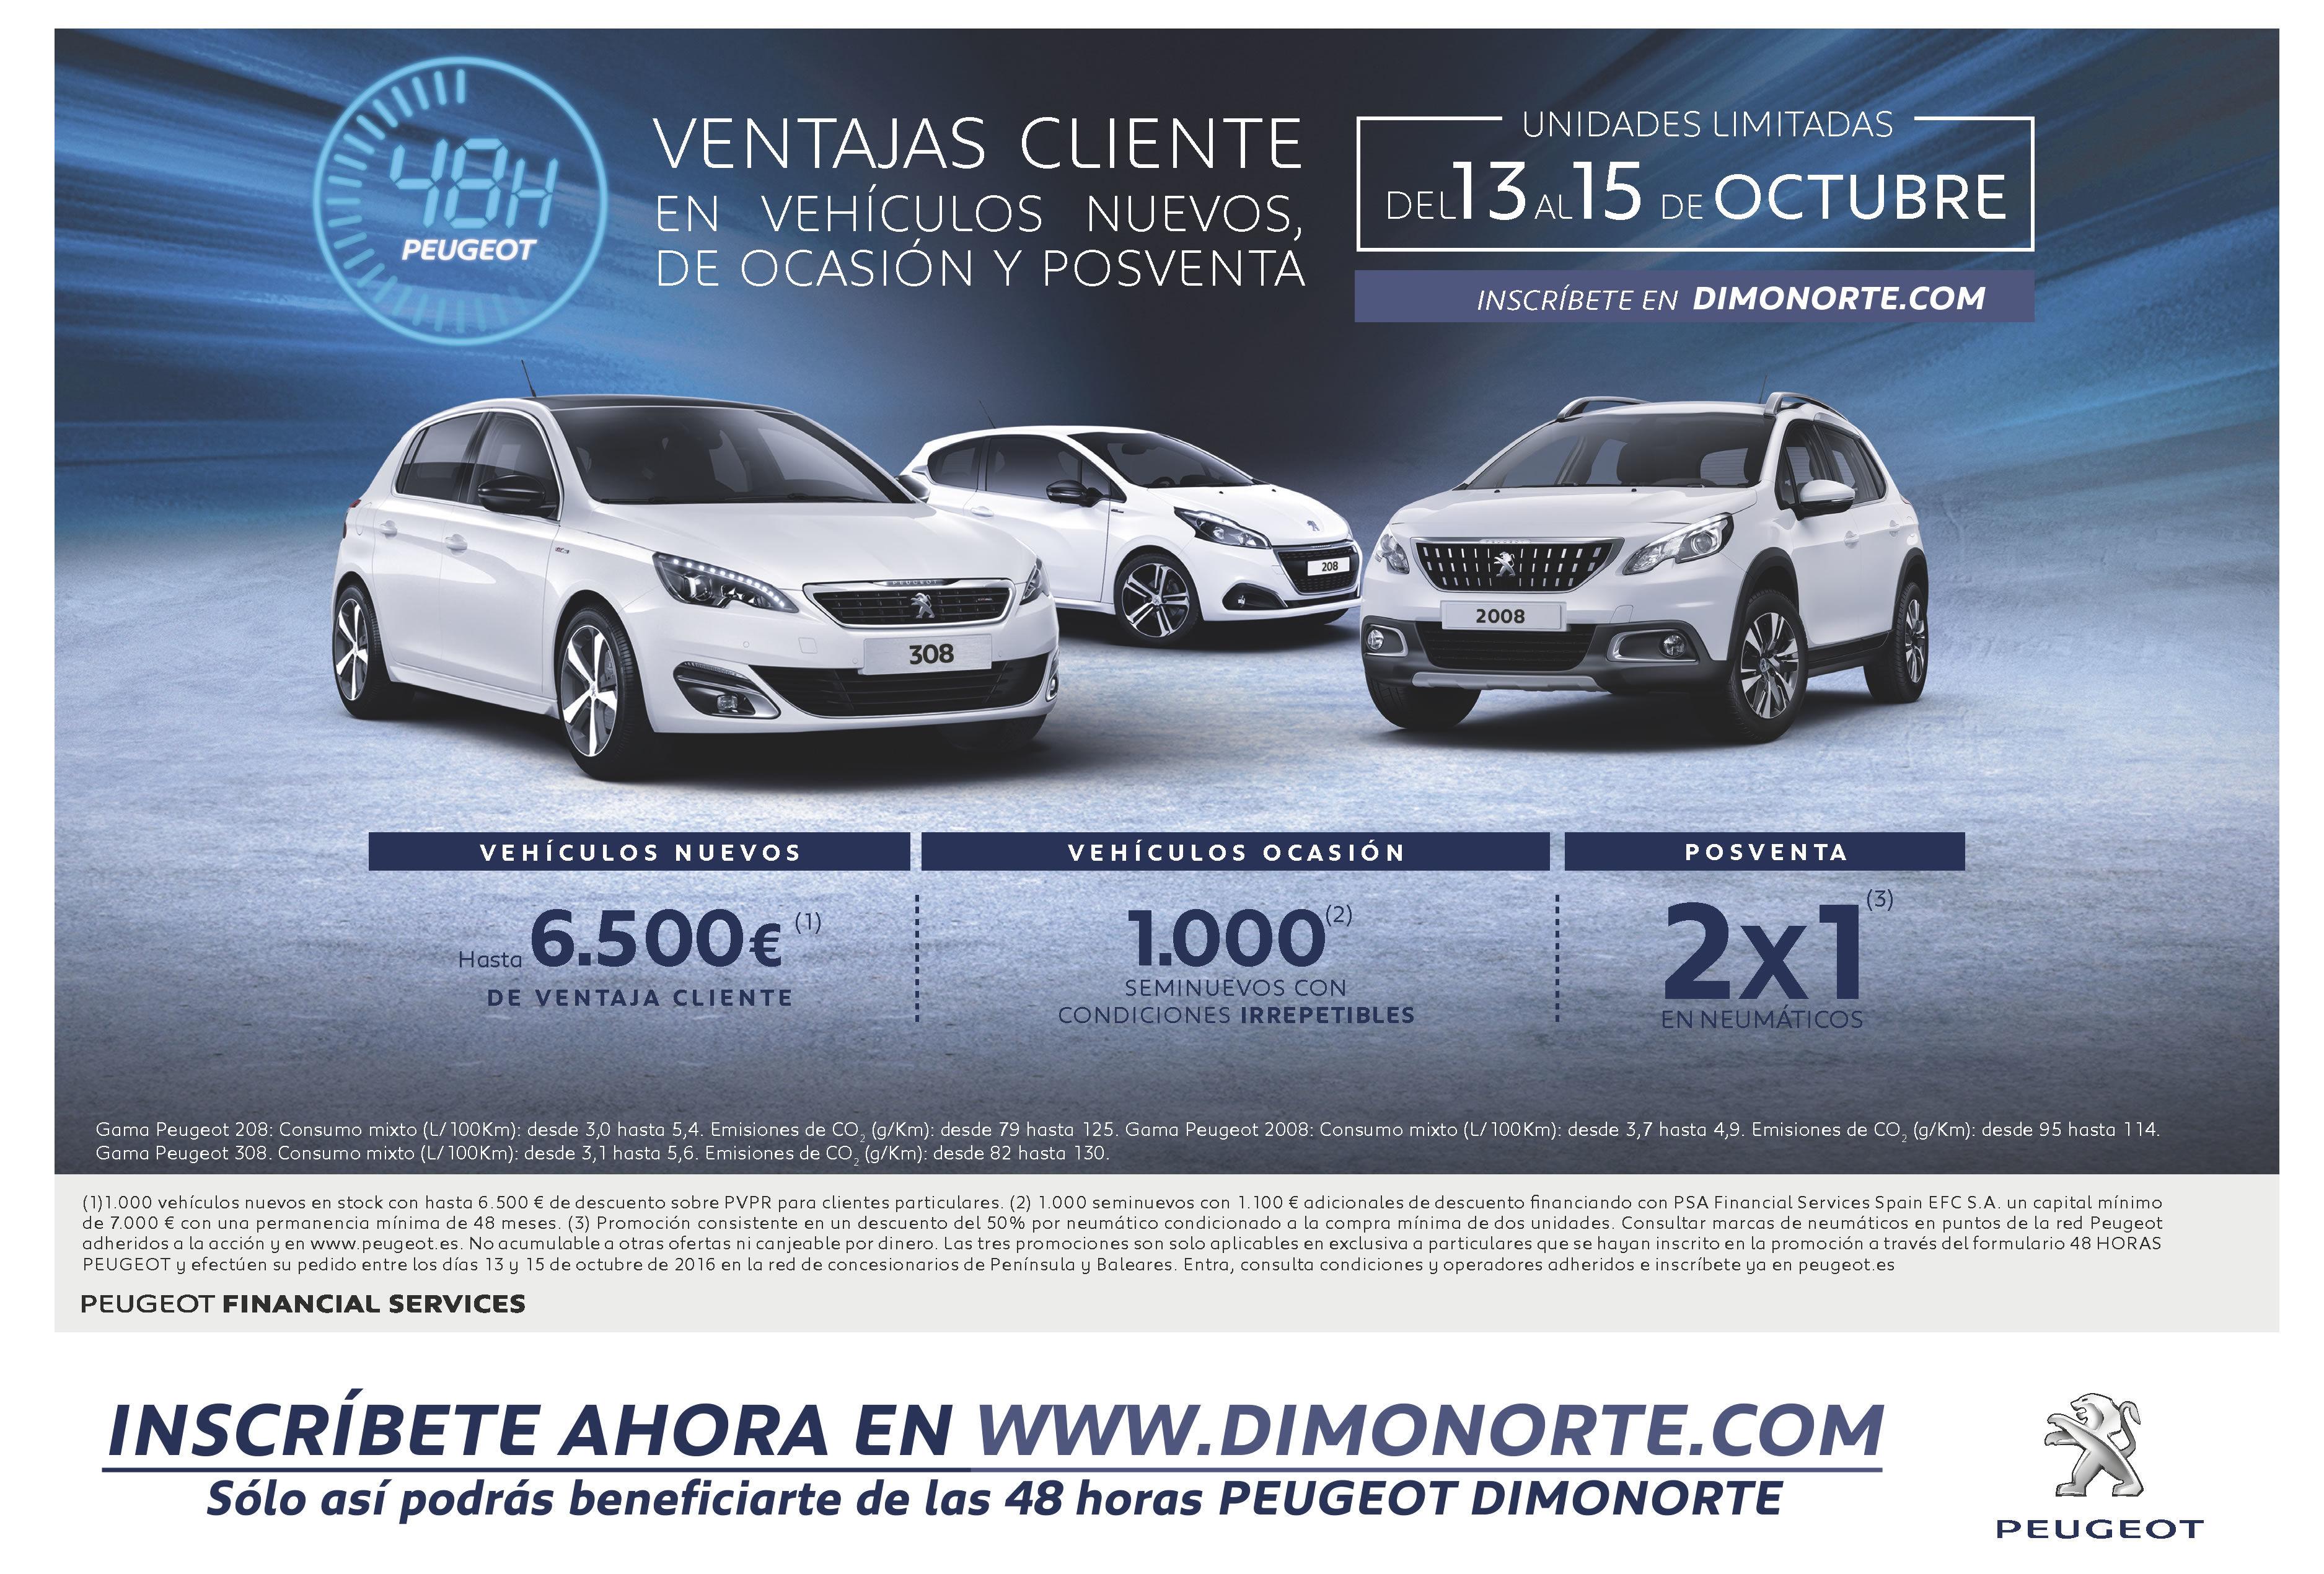 Del 13 al 15 de octubre: 48 Horas para disfrutar de un Peugeot al mejor precio